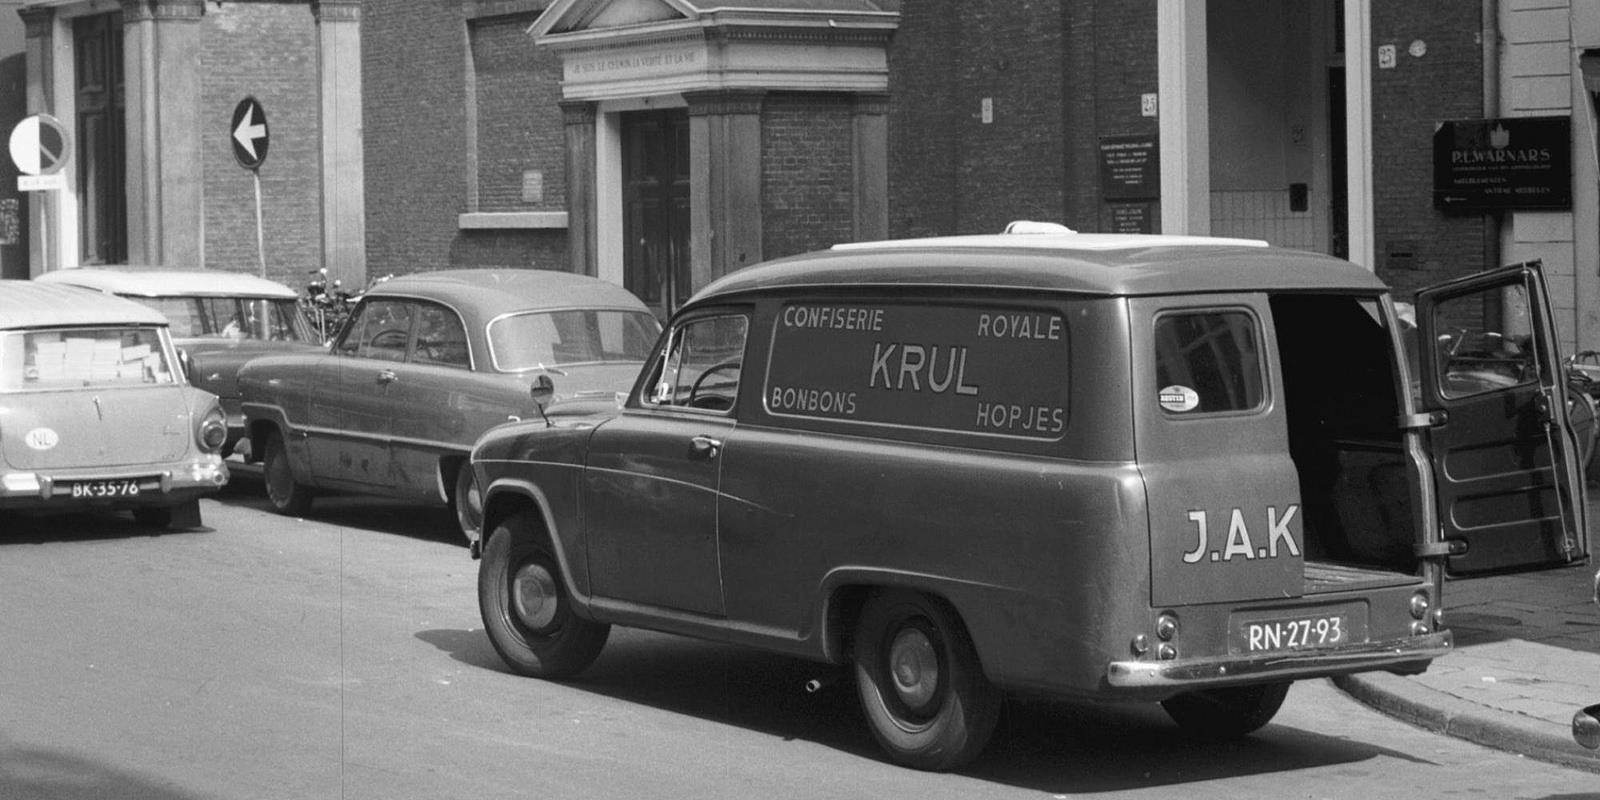 Den-Haag-Gebr-Krul-Tearoom-en-Confiserie-1963-